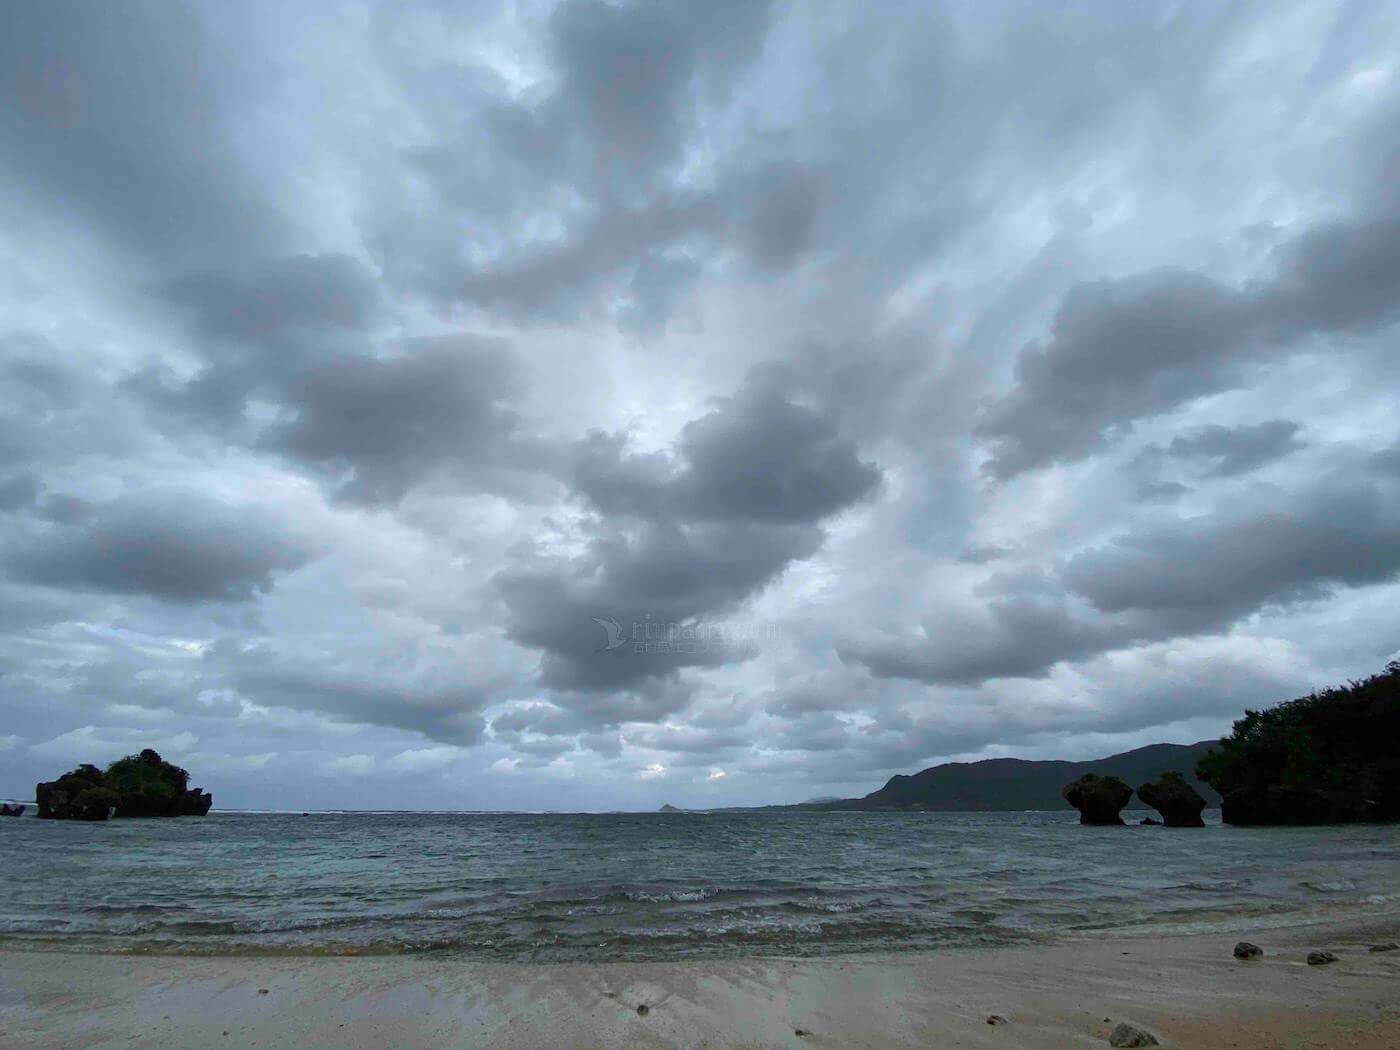 北の空から雲が押し寄せる石垣島北部の海岸